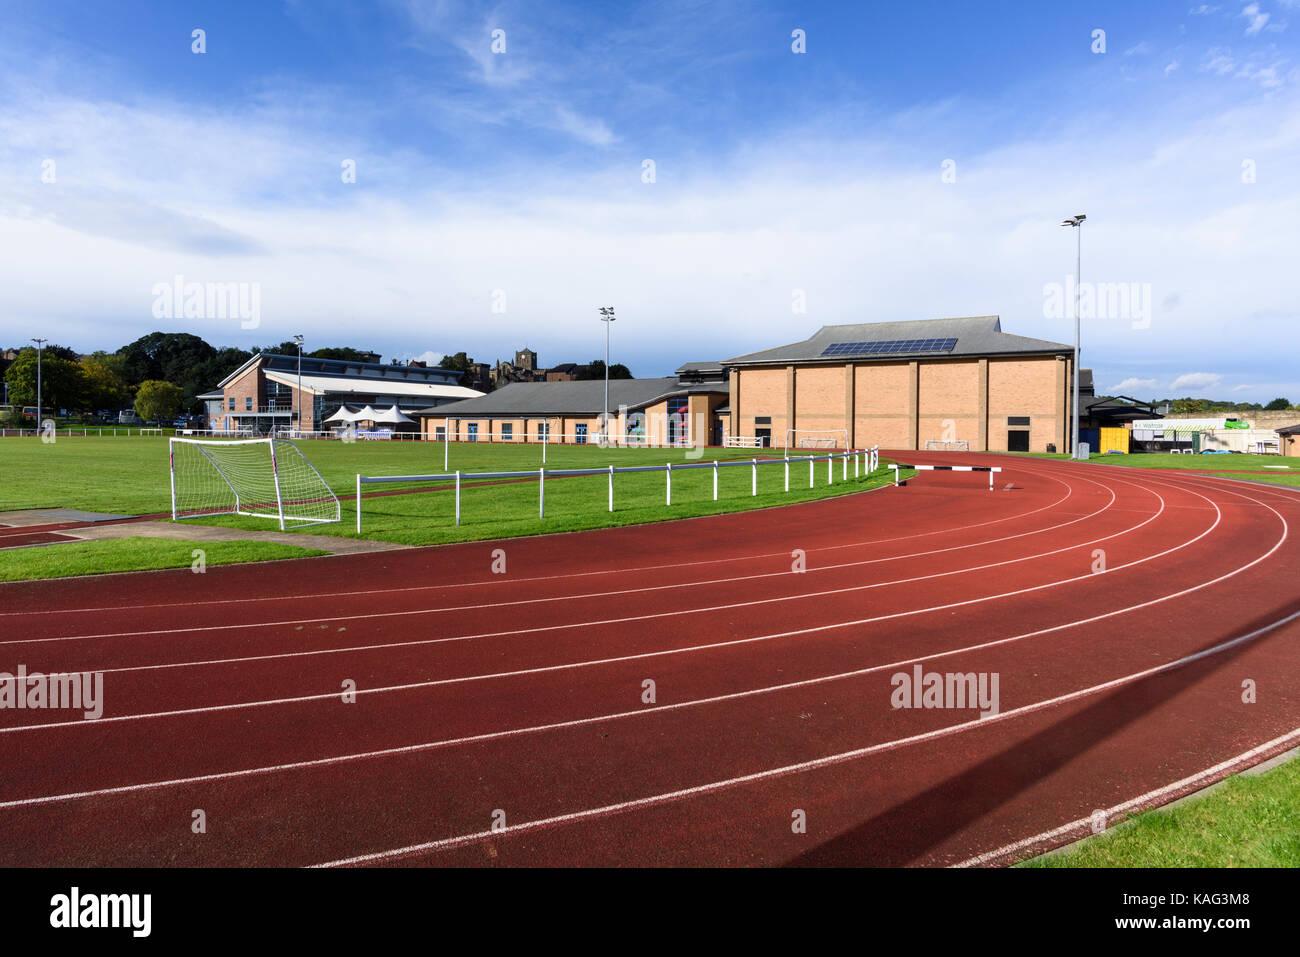 La raza y el campo de deportes de pista en Wentworth Leisure Centre en Hexham Northumberland Imagen De Stock